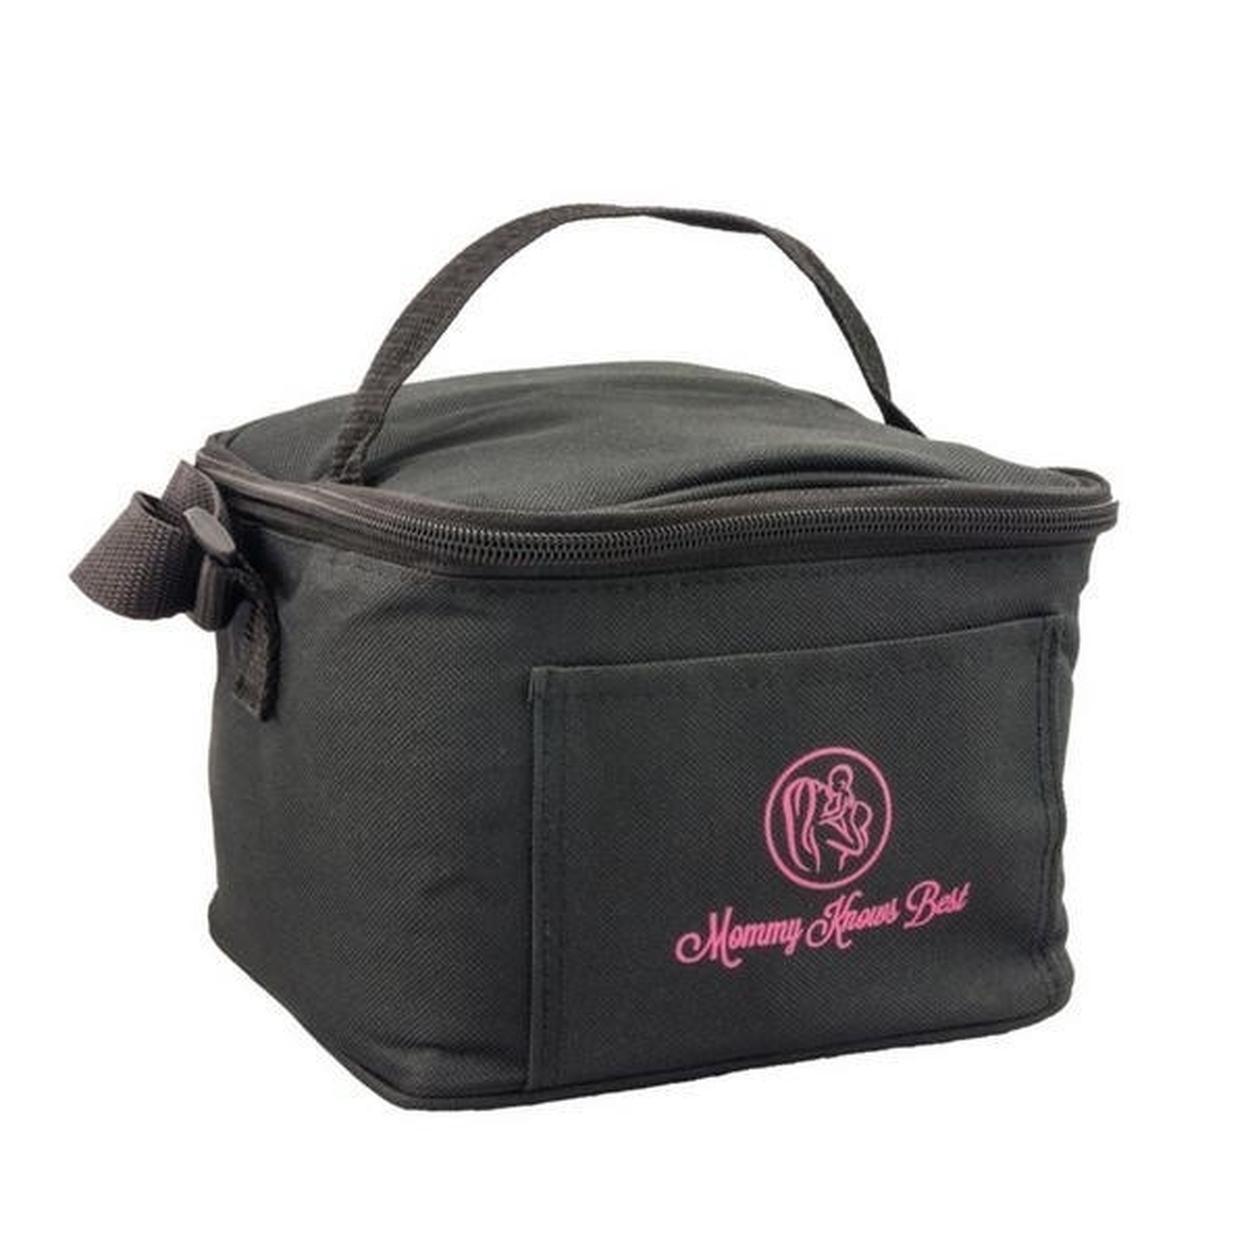 Baby Bottle Cooler Bag 58f7956bc98fc462b430ea4c